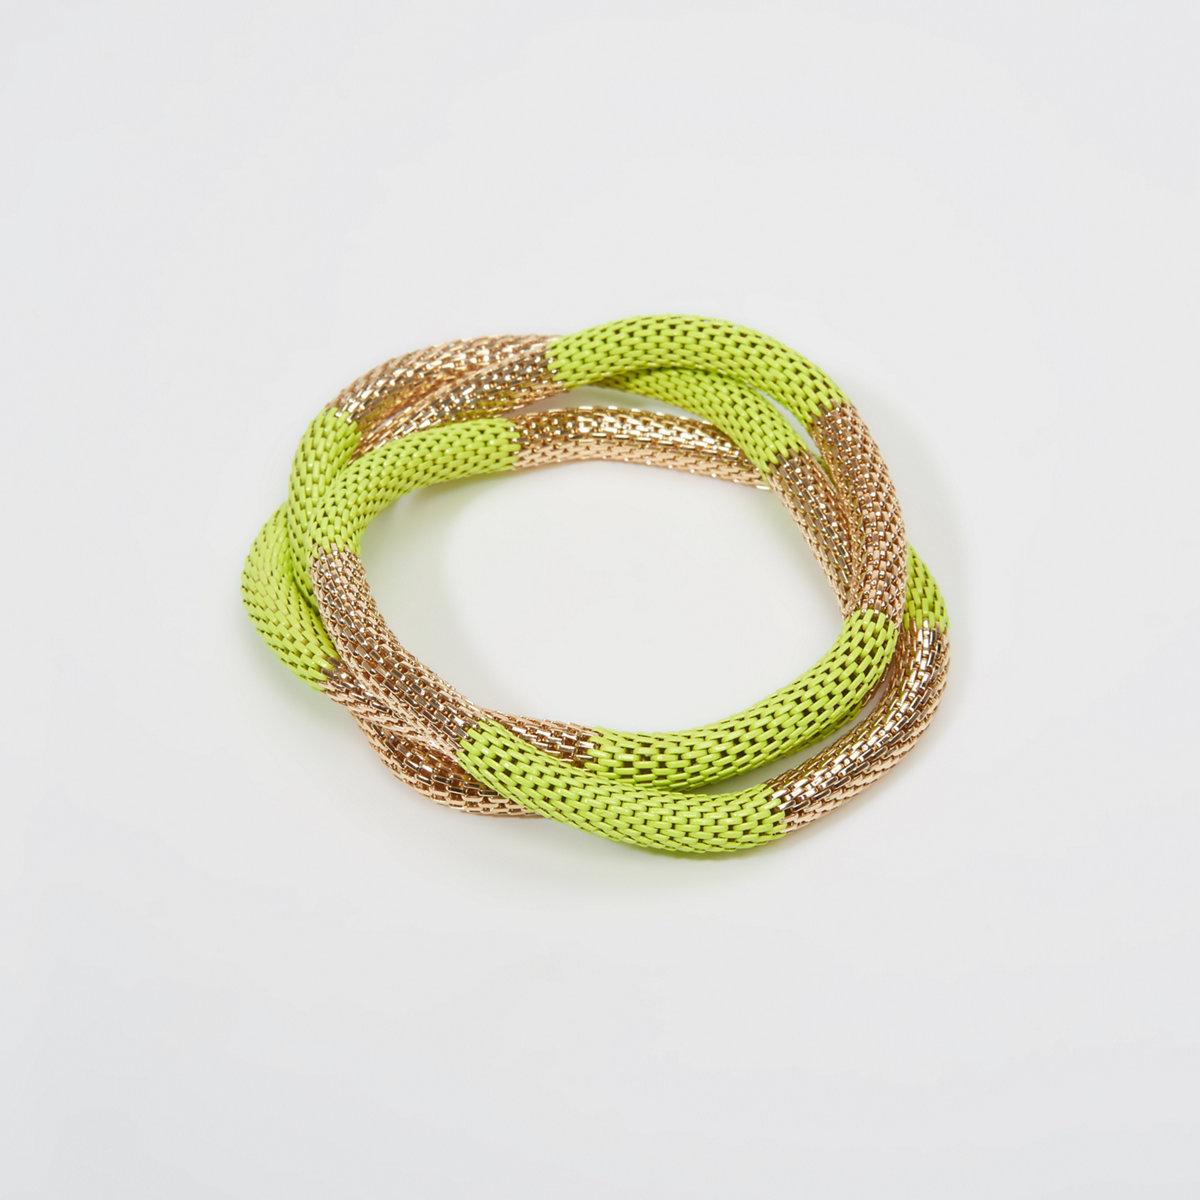 Striped Metal Stretch Bracelet